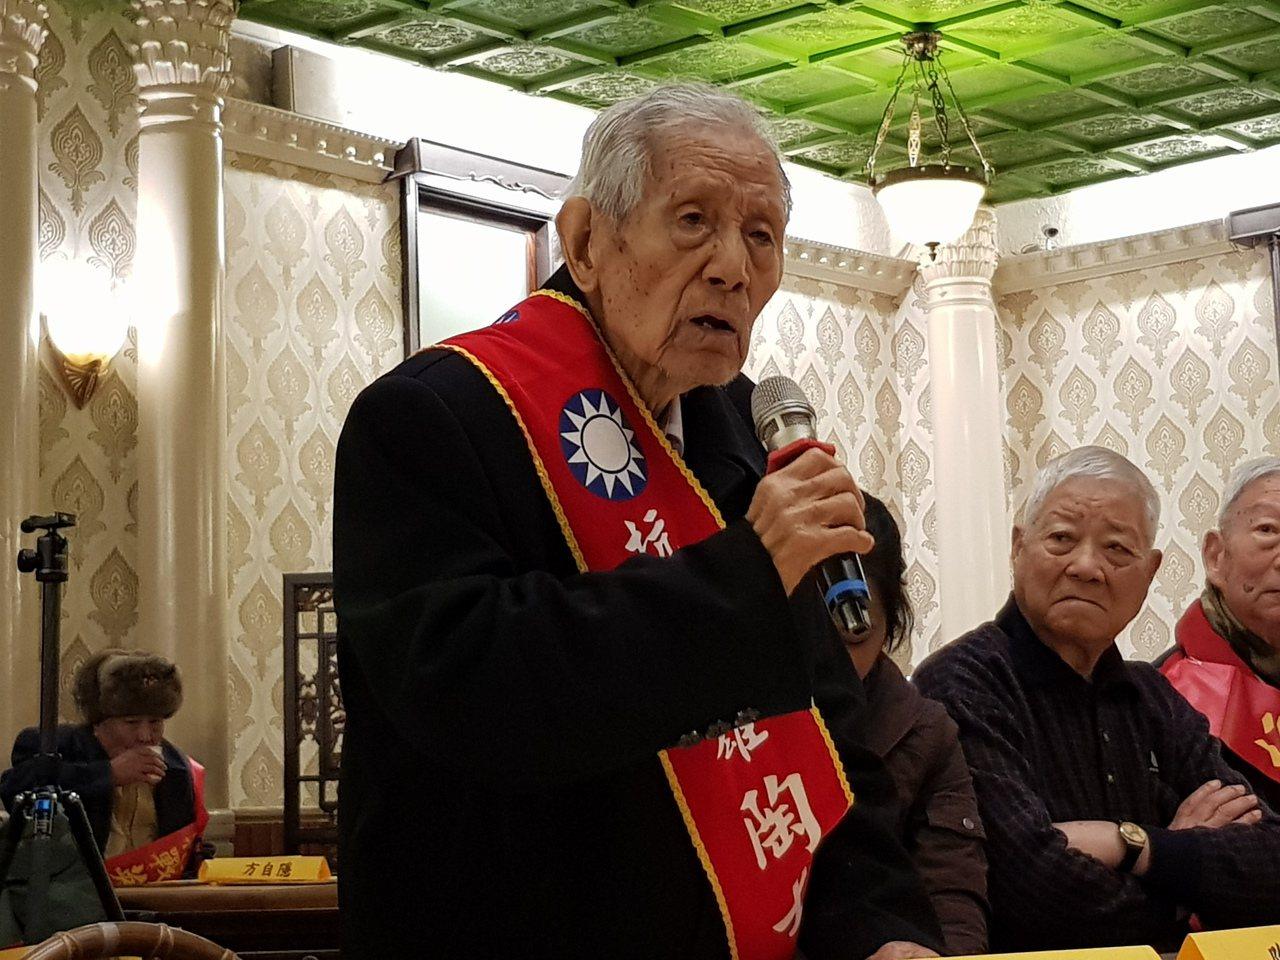 百歲老兵陶士君分享豐富的抗戰經歷,同時感慨當今政府逐漸漠視這段歷史與老兵。記者翁...